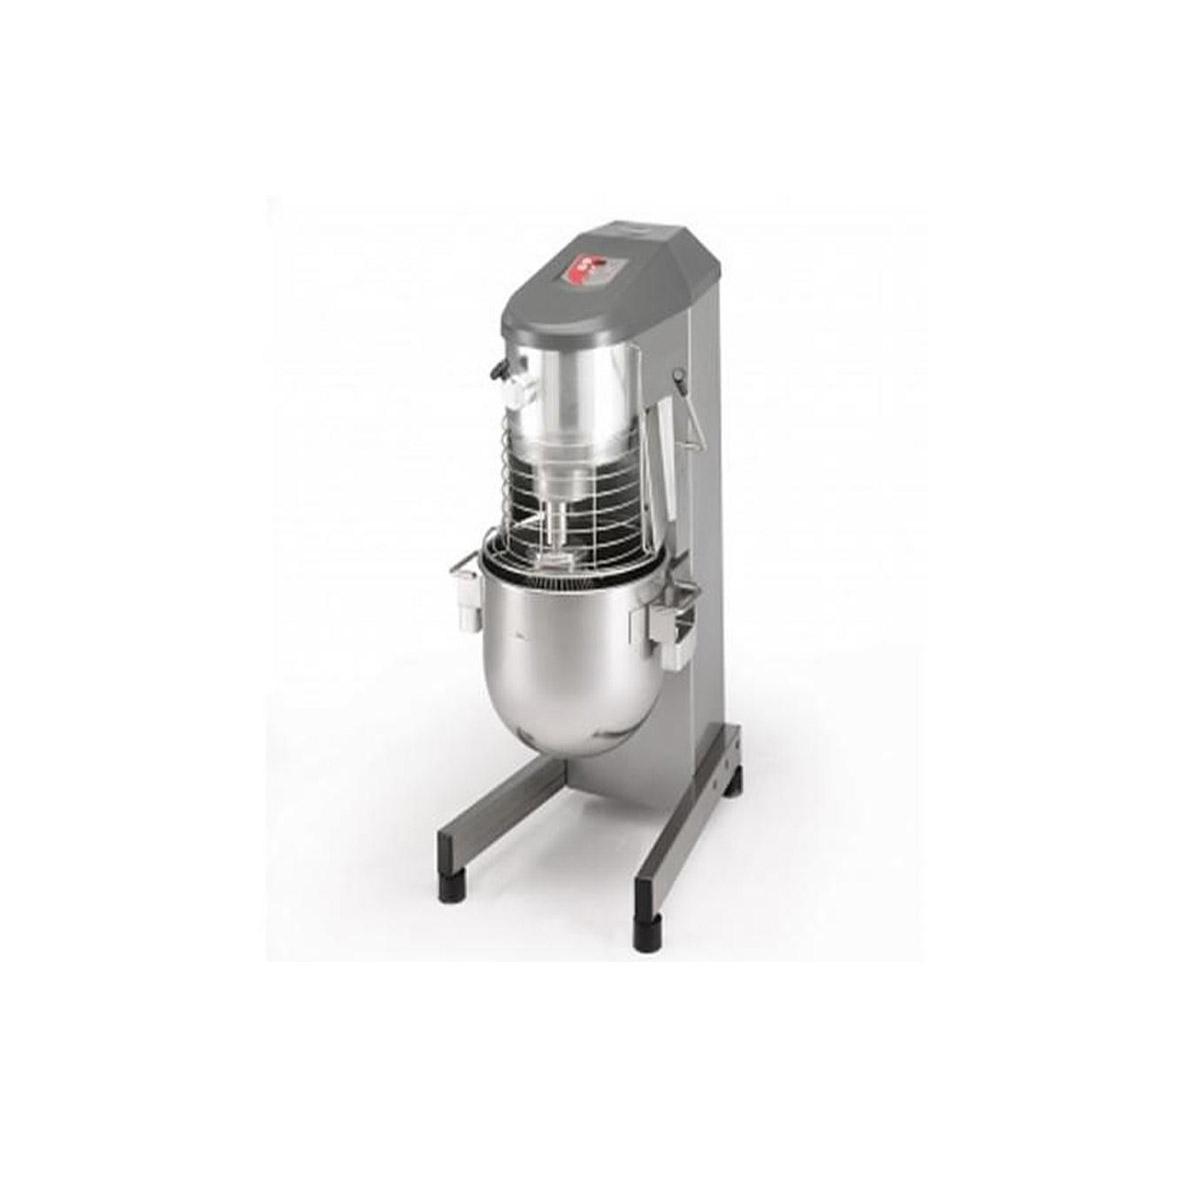 Sammic BE-40C Floor Standing Food Mixer